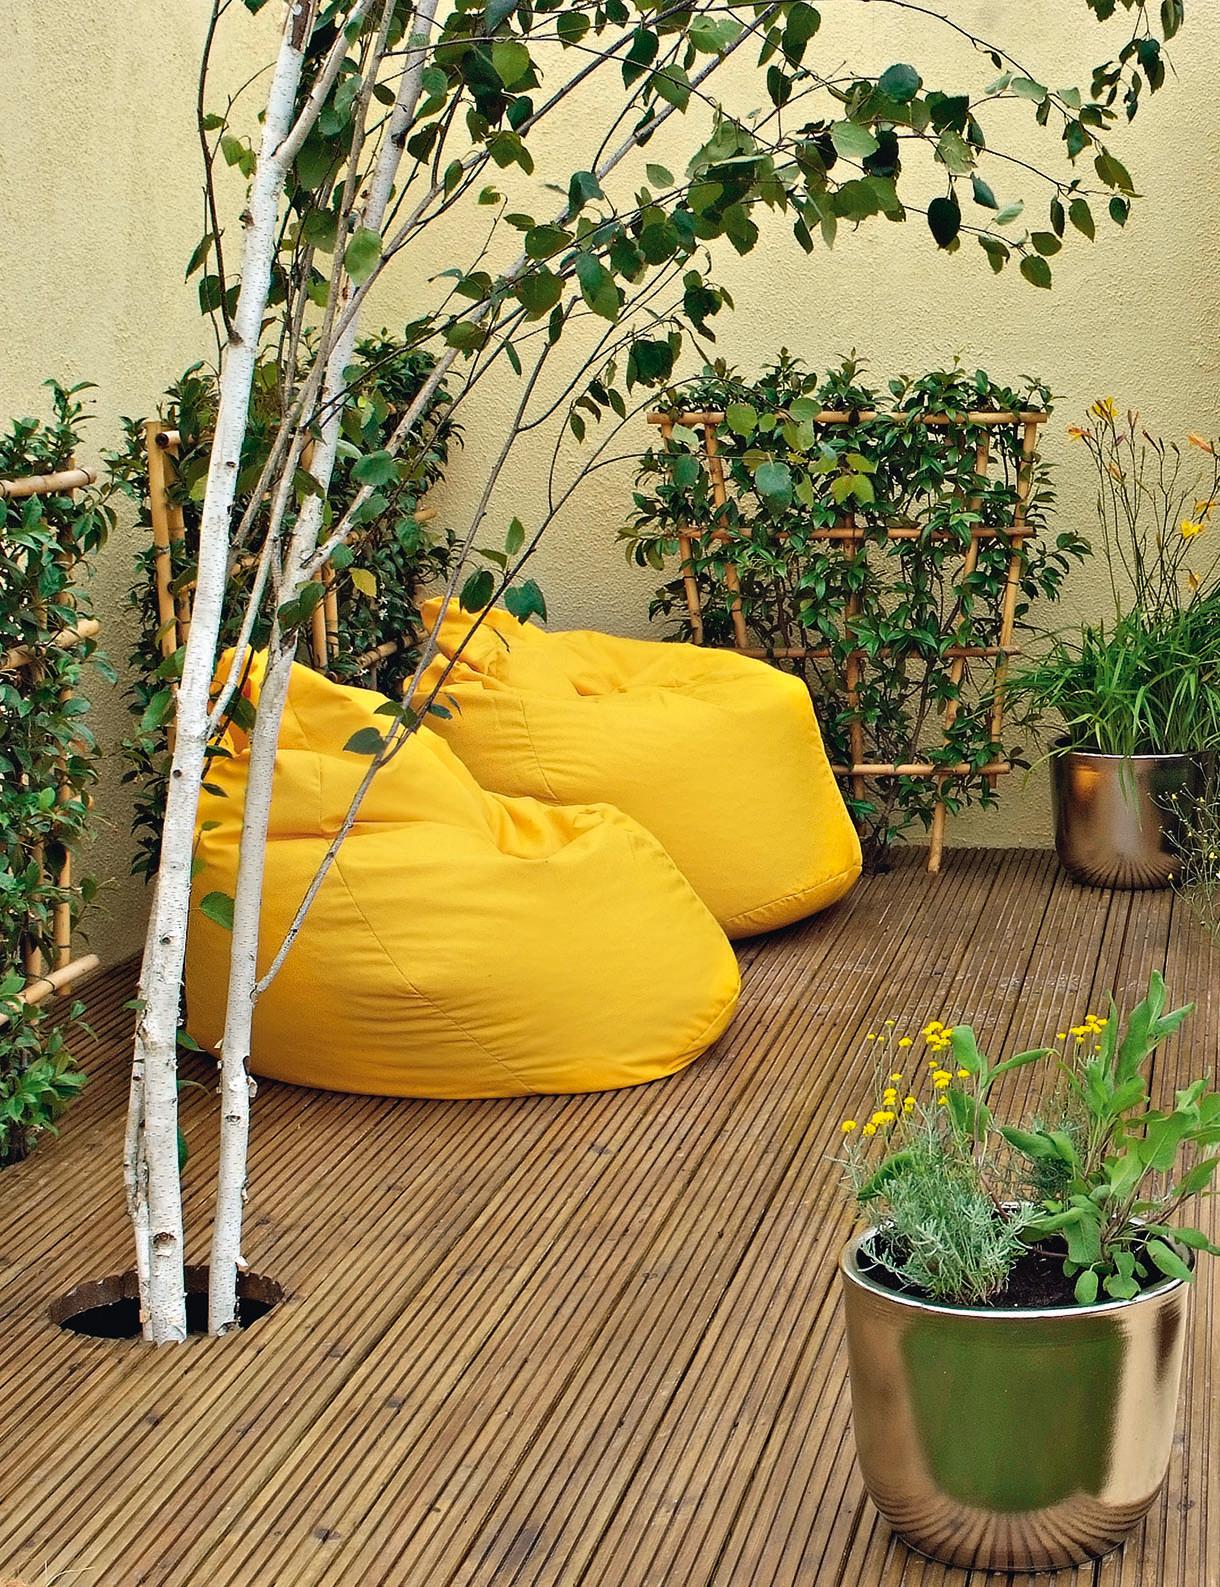 decoration exterieur jaune